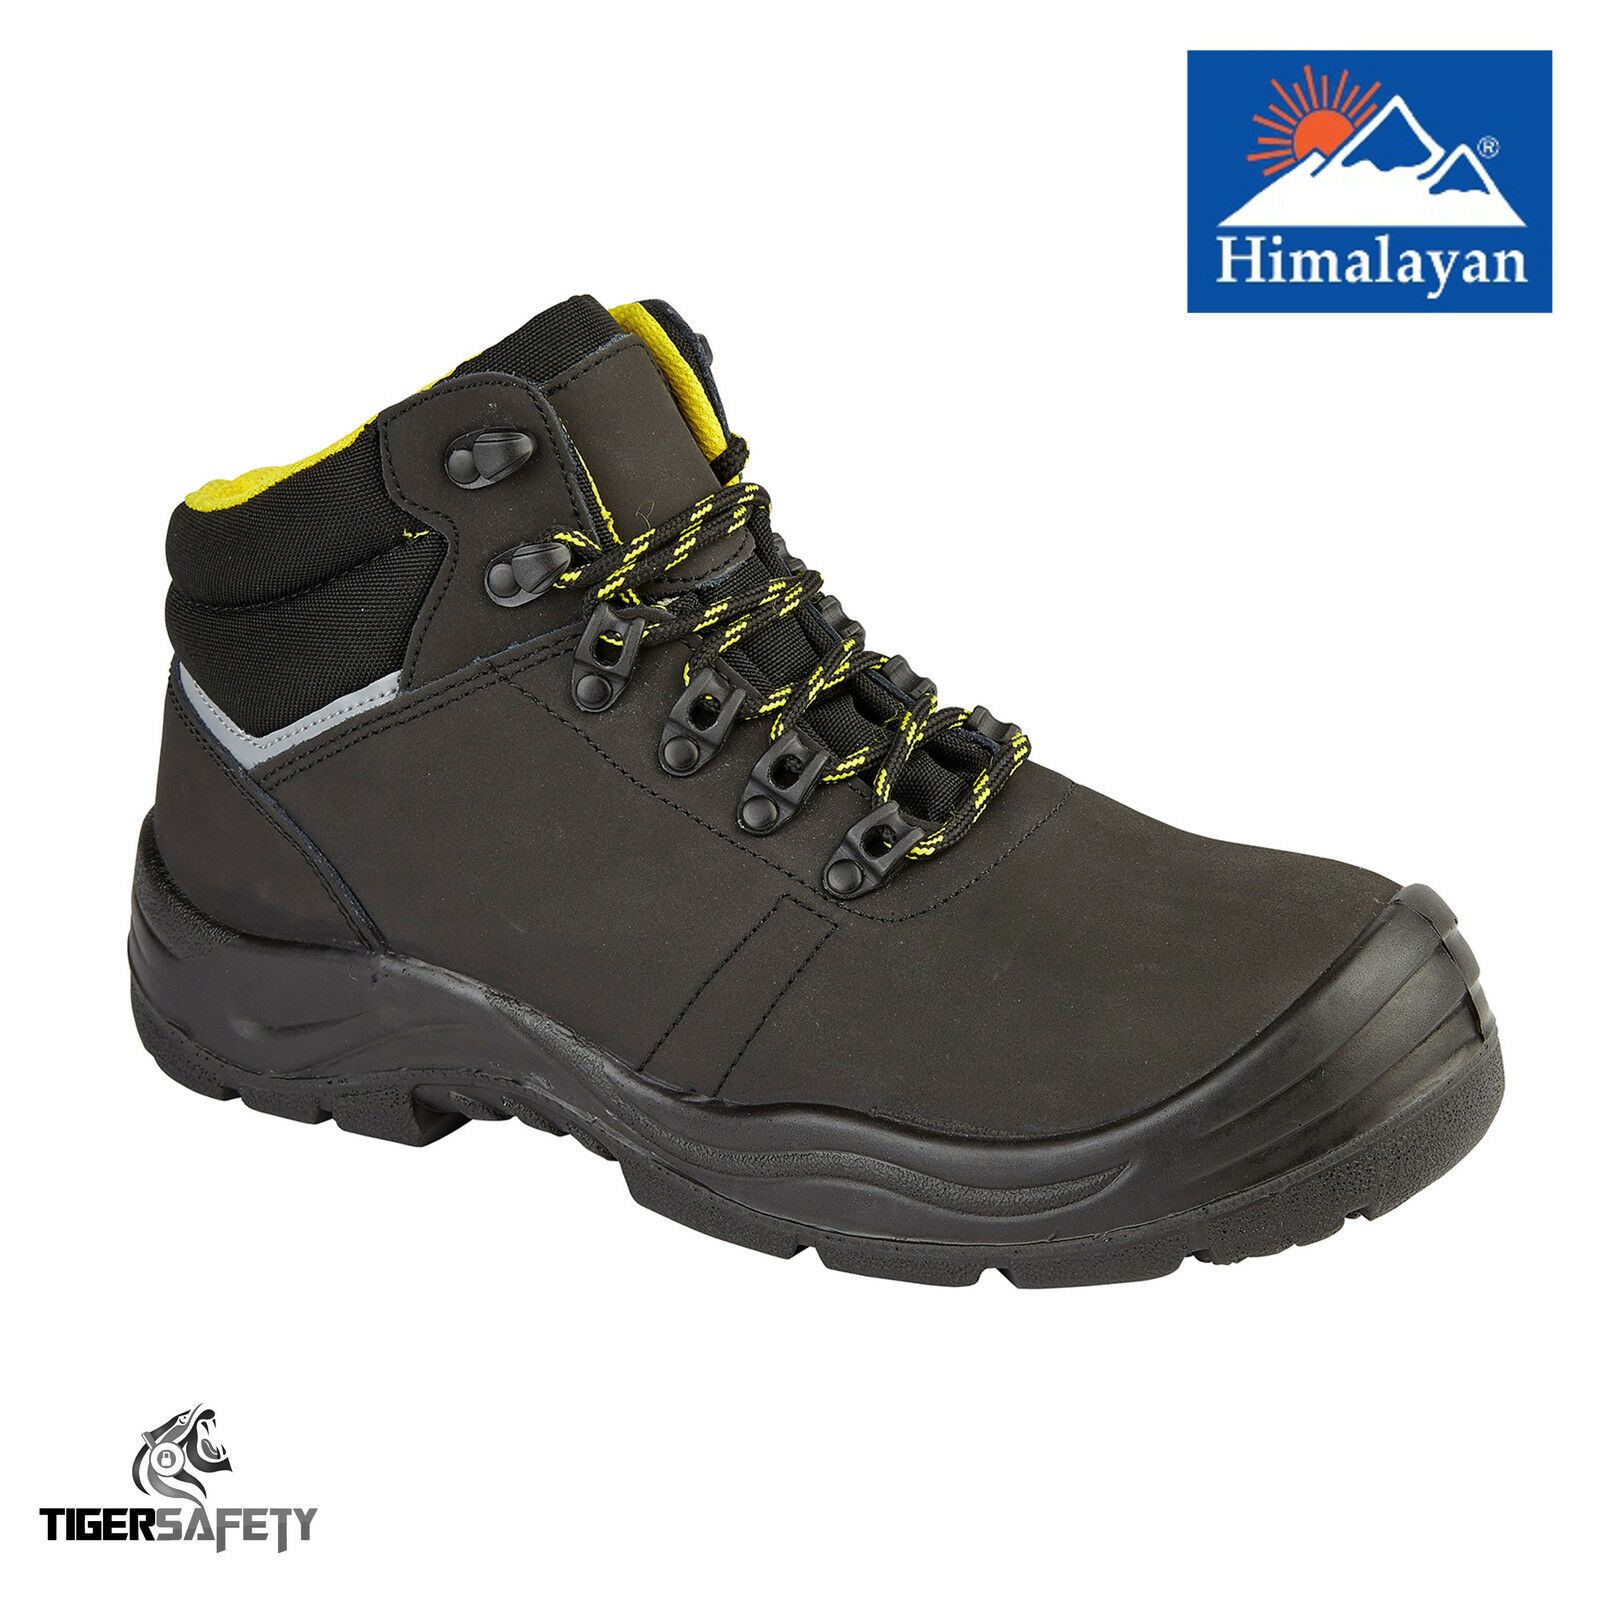 Himalayan 2603 S3 Sra Noires Cuir Composite Pointe Orteil Randonneur Style